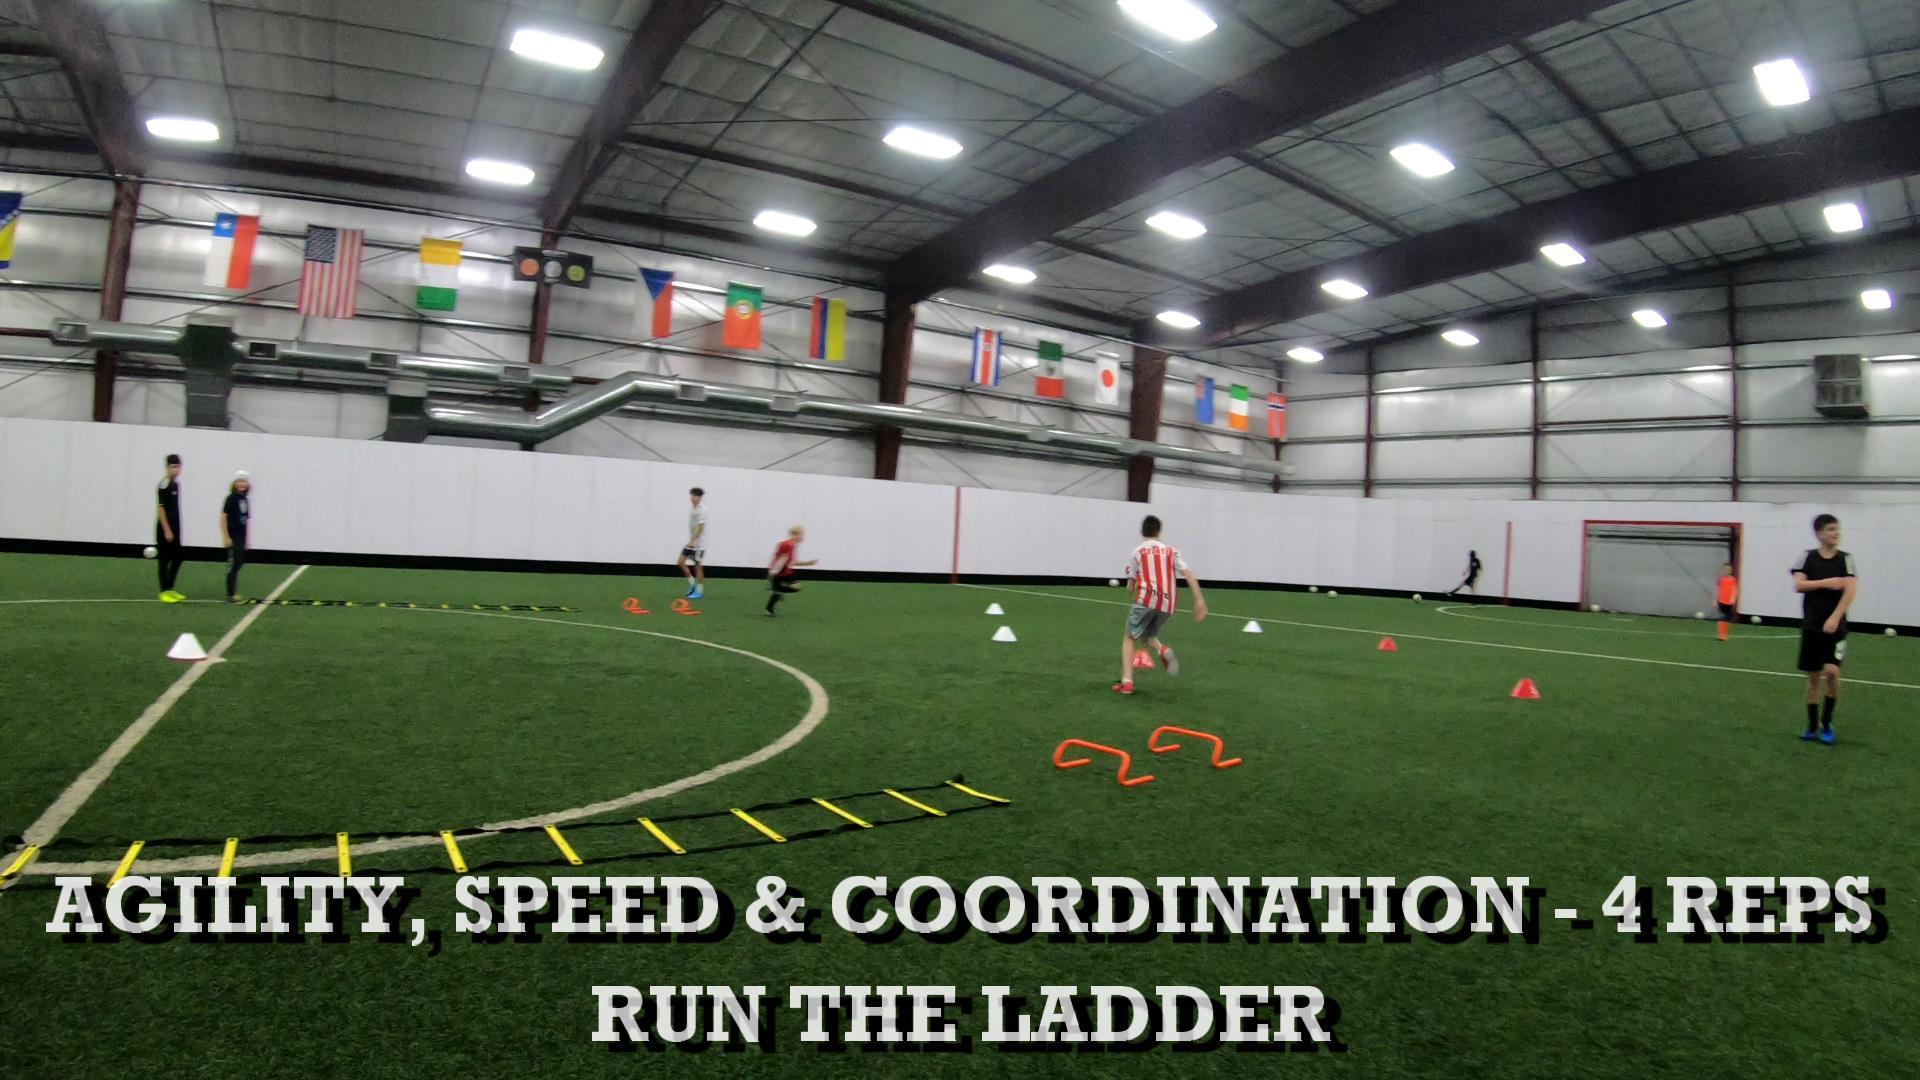 Soccer Training for Kids 4